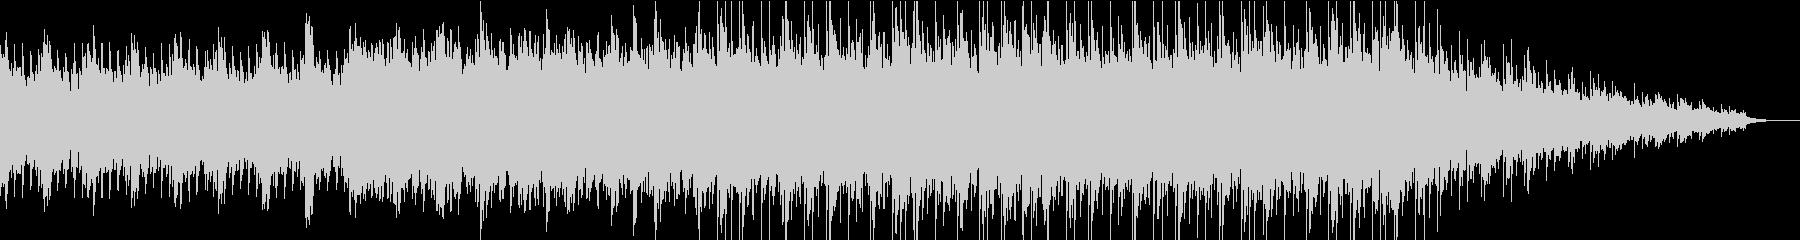 爽やかな響きのアンビエントなpianoの未再生の波形